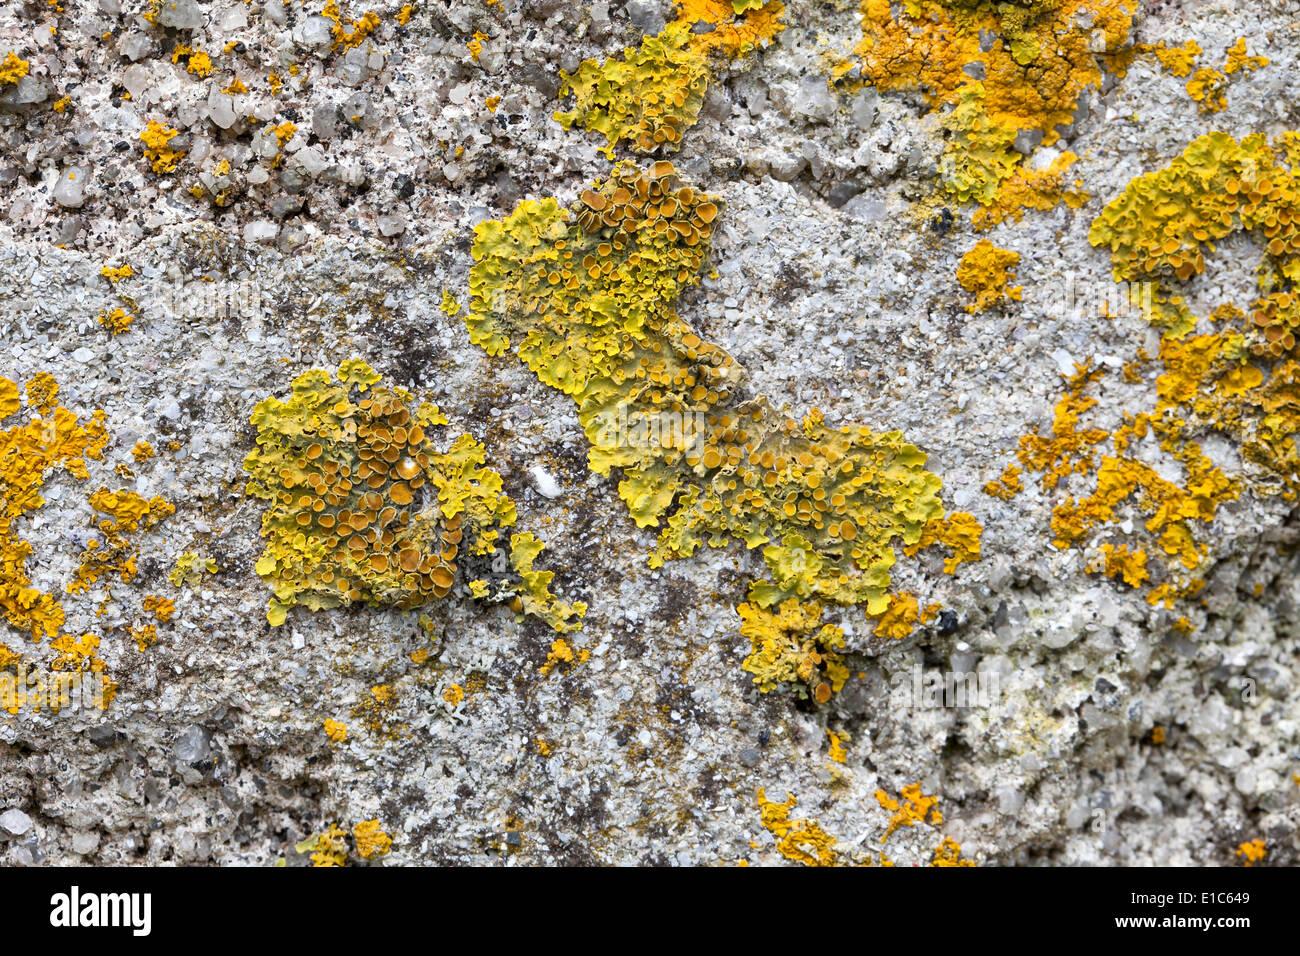 Lichen - Stock Image